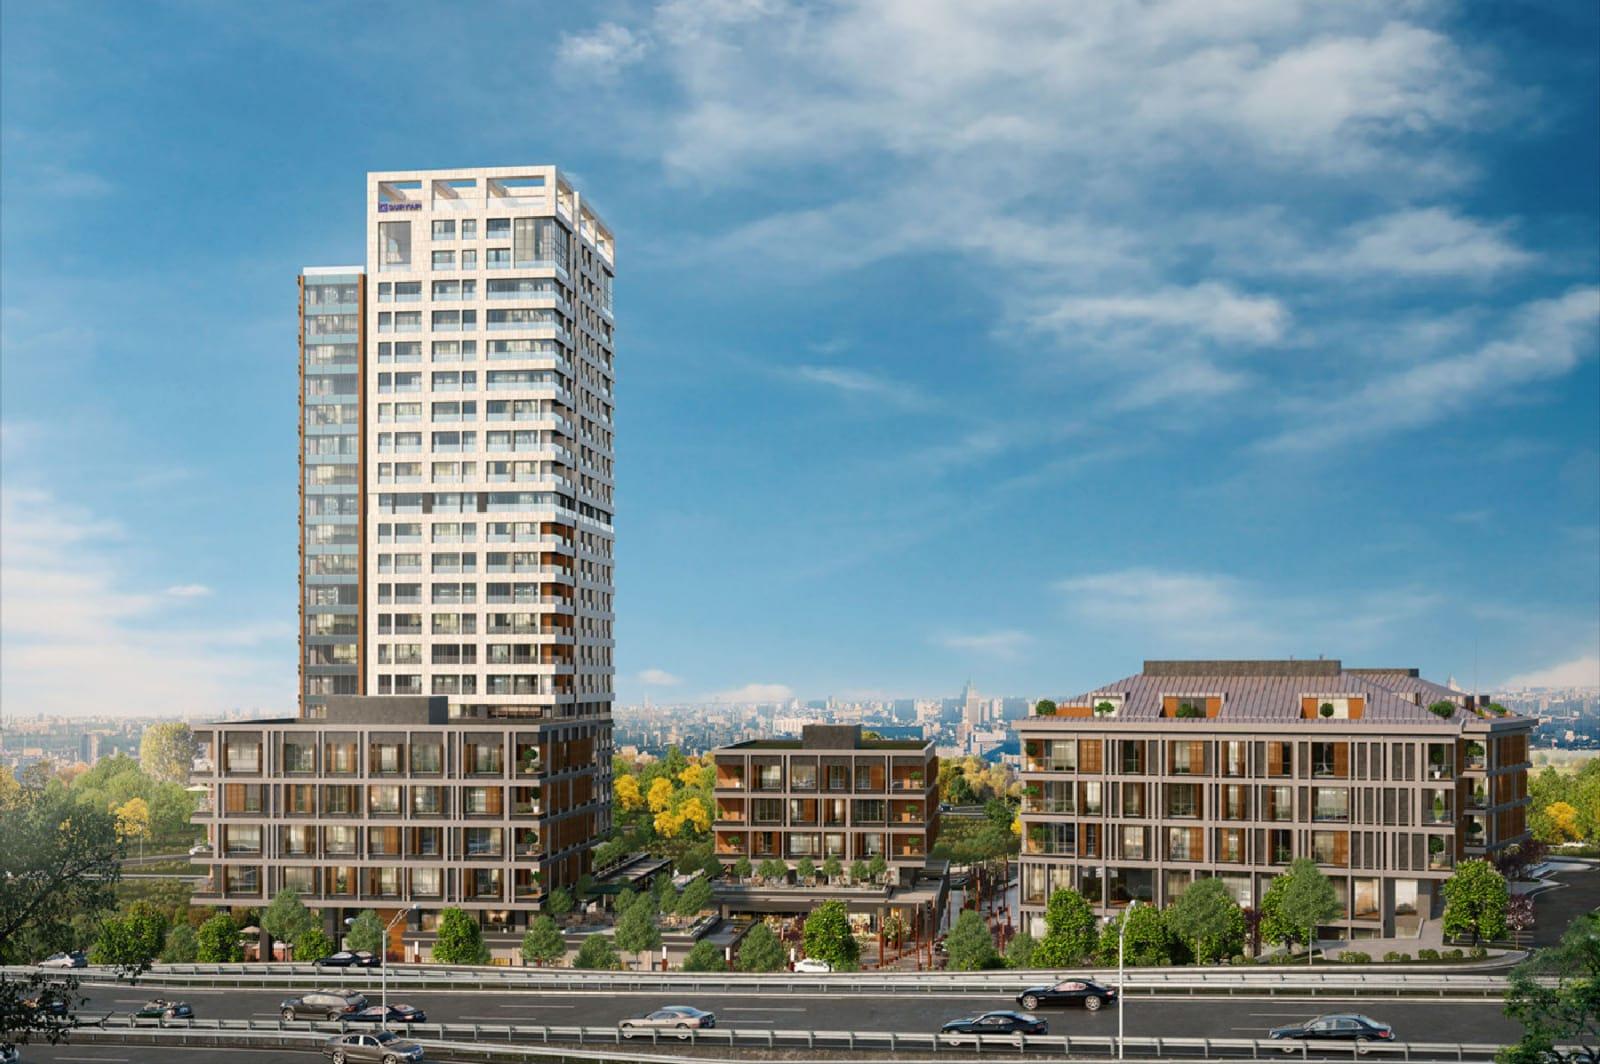 مشروع متميز على مشارف مضيق البوسفور في كاديكوي في قلب اسطنبول التاريخية    ( كود المشروع      IC 40  )